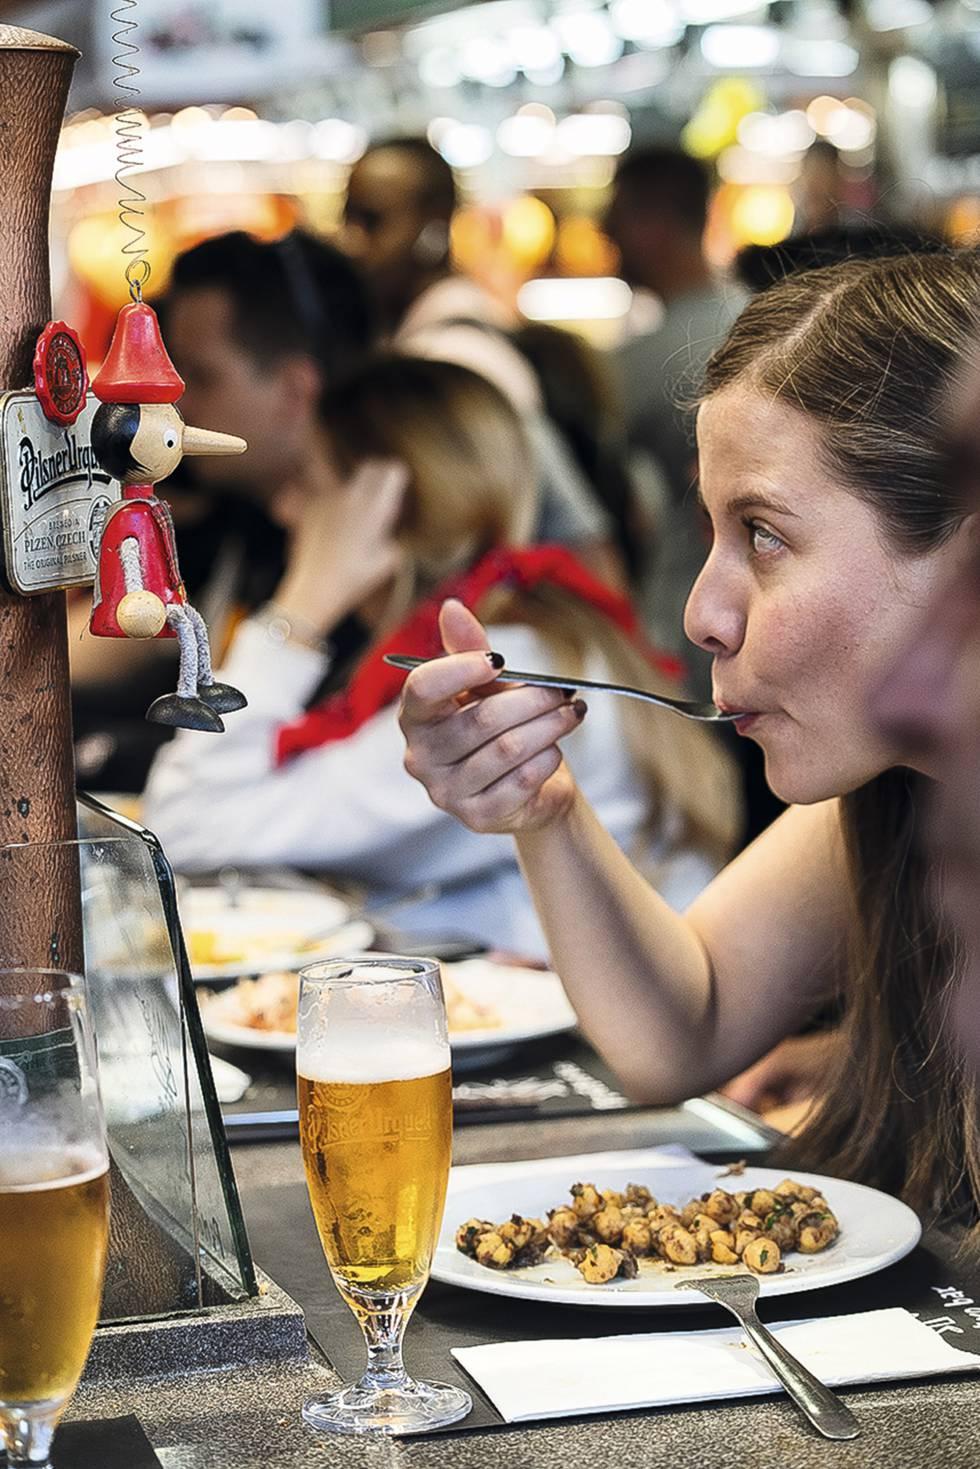 Una clienta come una ración de garbanzos con morcilla en el Pinotxo Bar, en el Mercado de la Boquería de Barcelona.